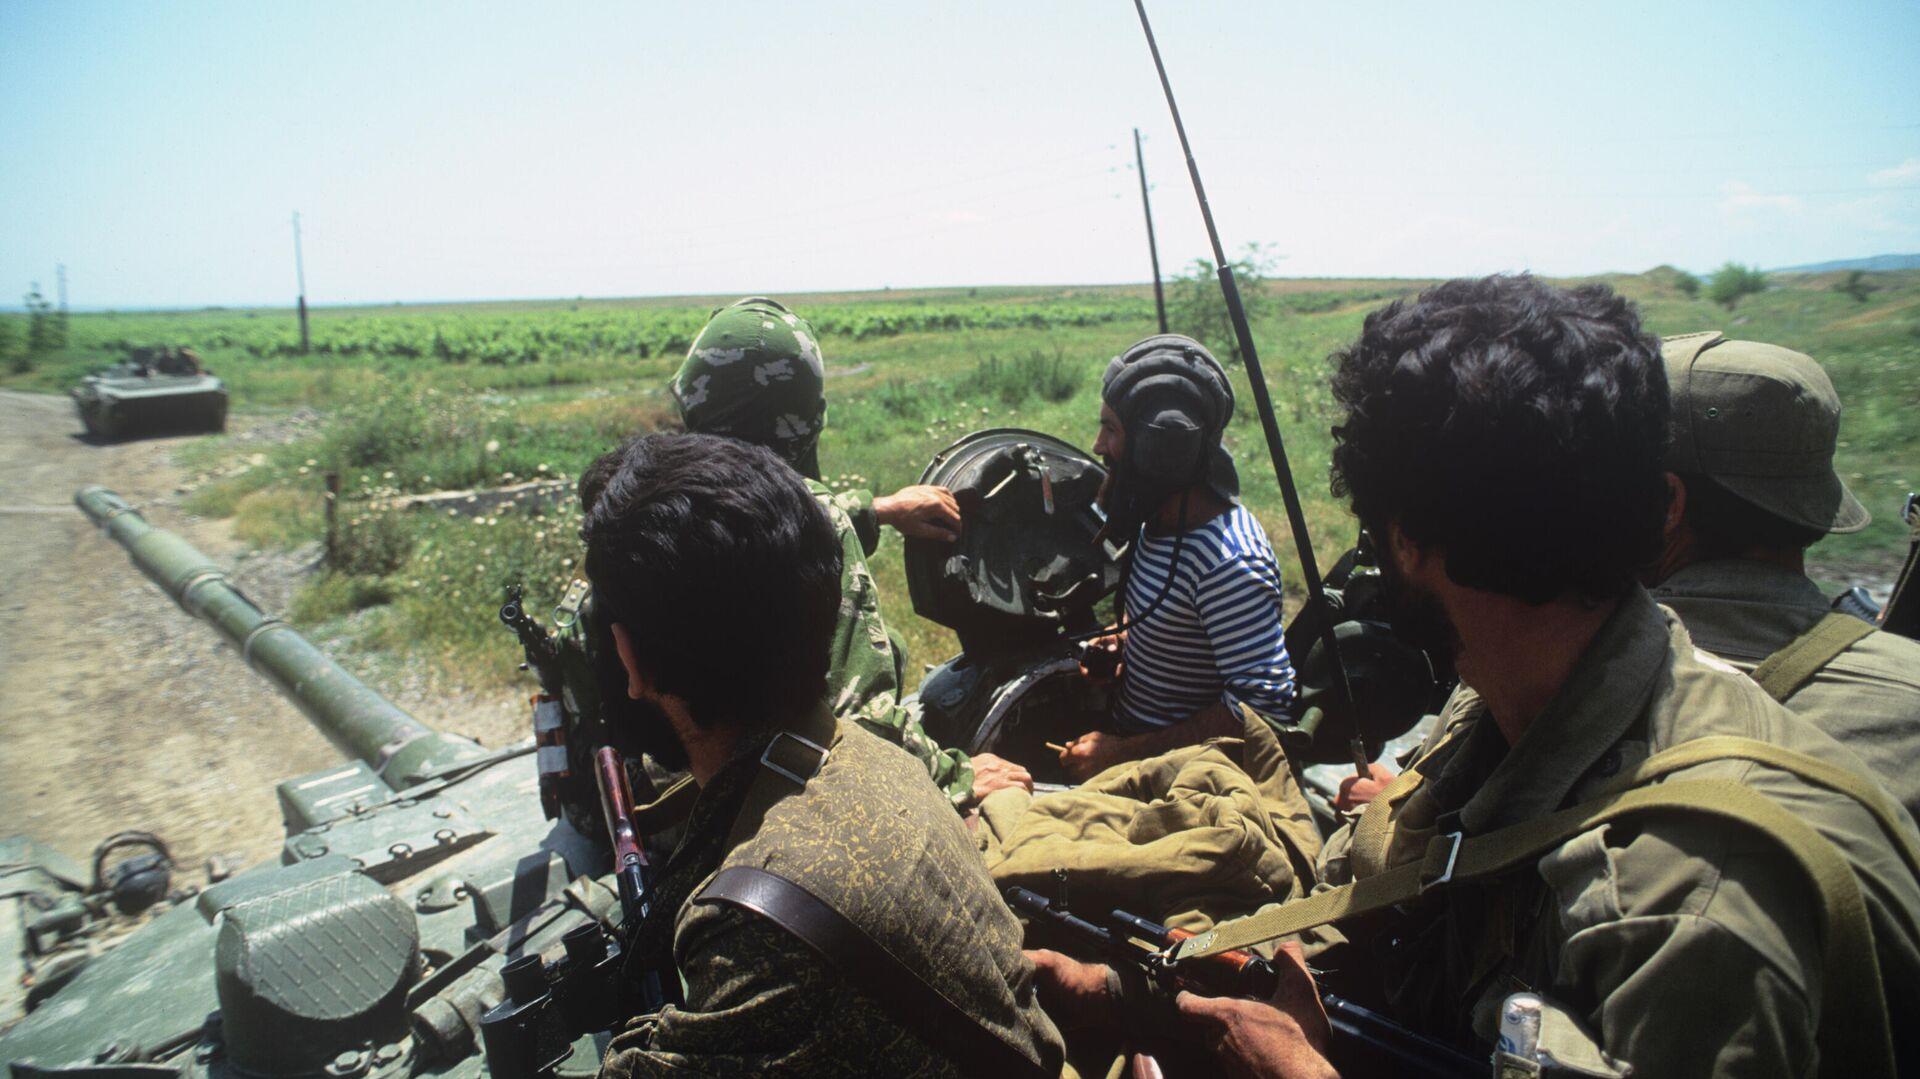 Совбез ООН сделал заявление по ситуации в Нагорном Карабахе - РИА Новости,  30.09.2020